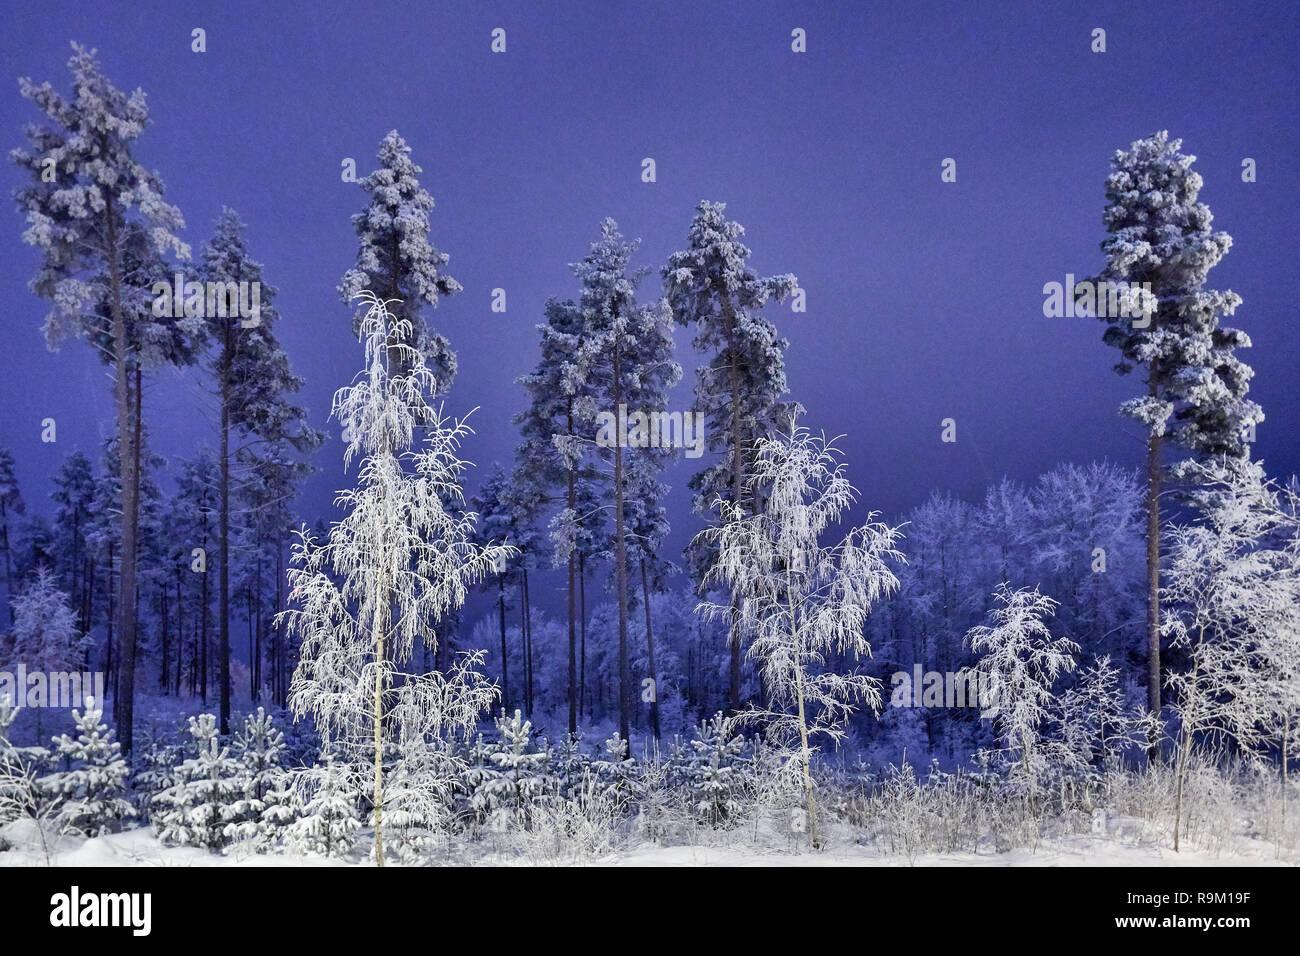 Nuit D Hiver Tranquille Et Beau Ciel Bleu Neige Arbres